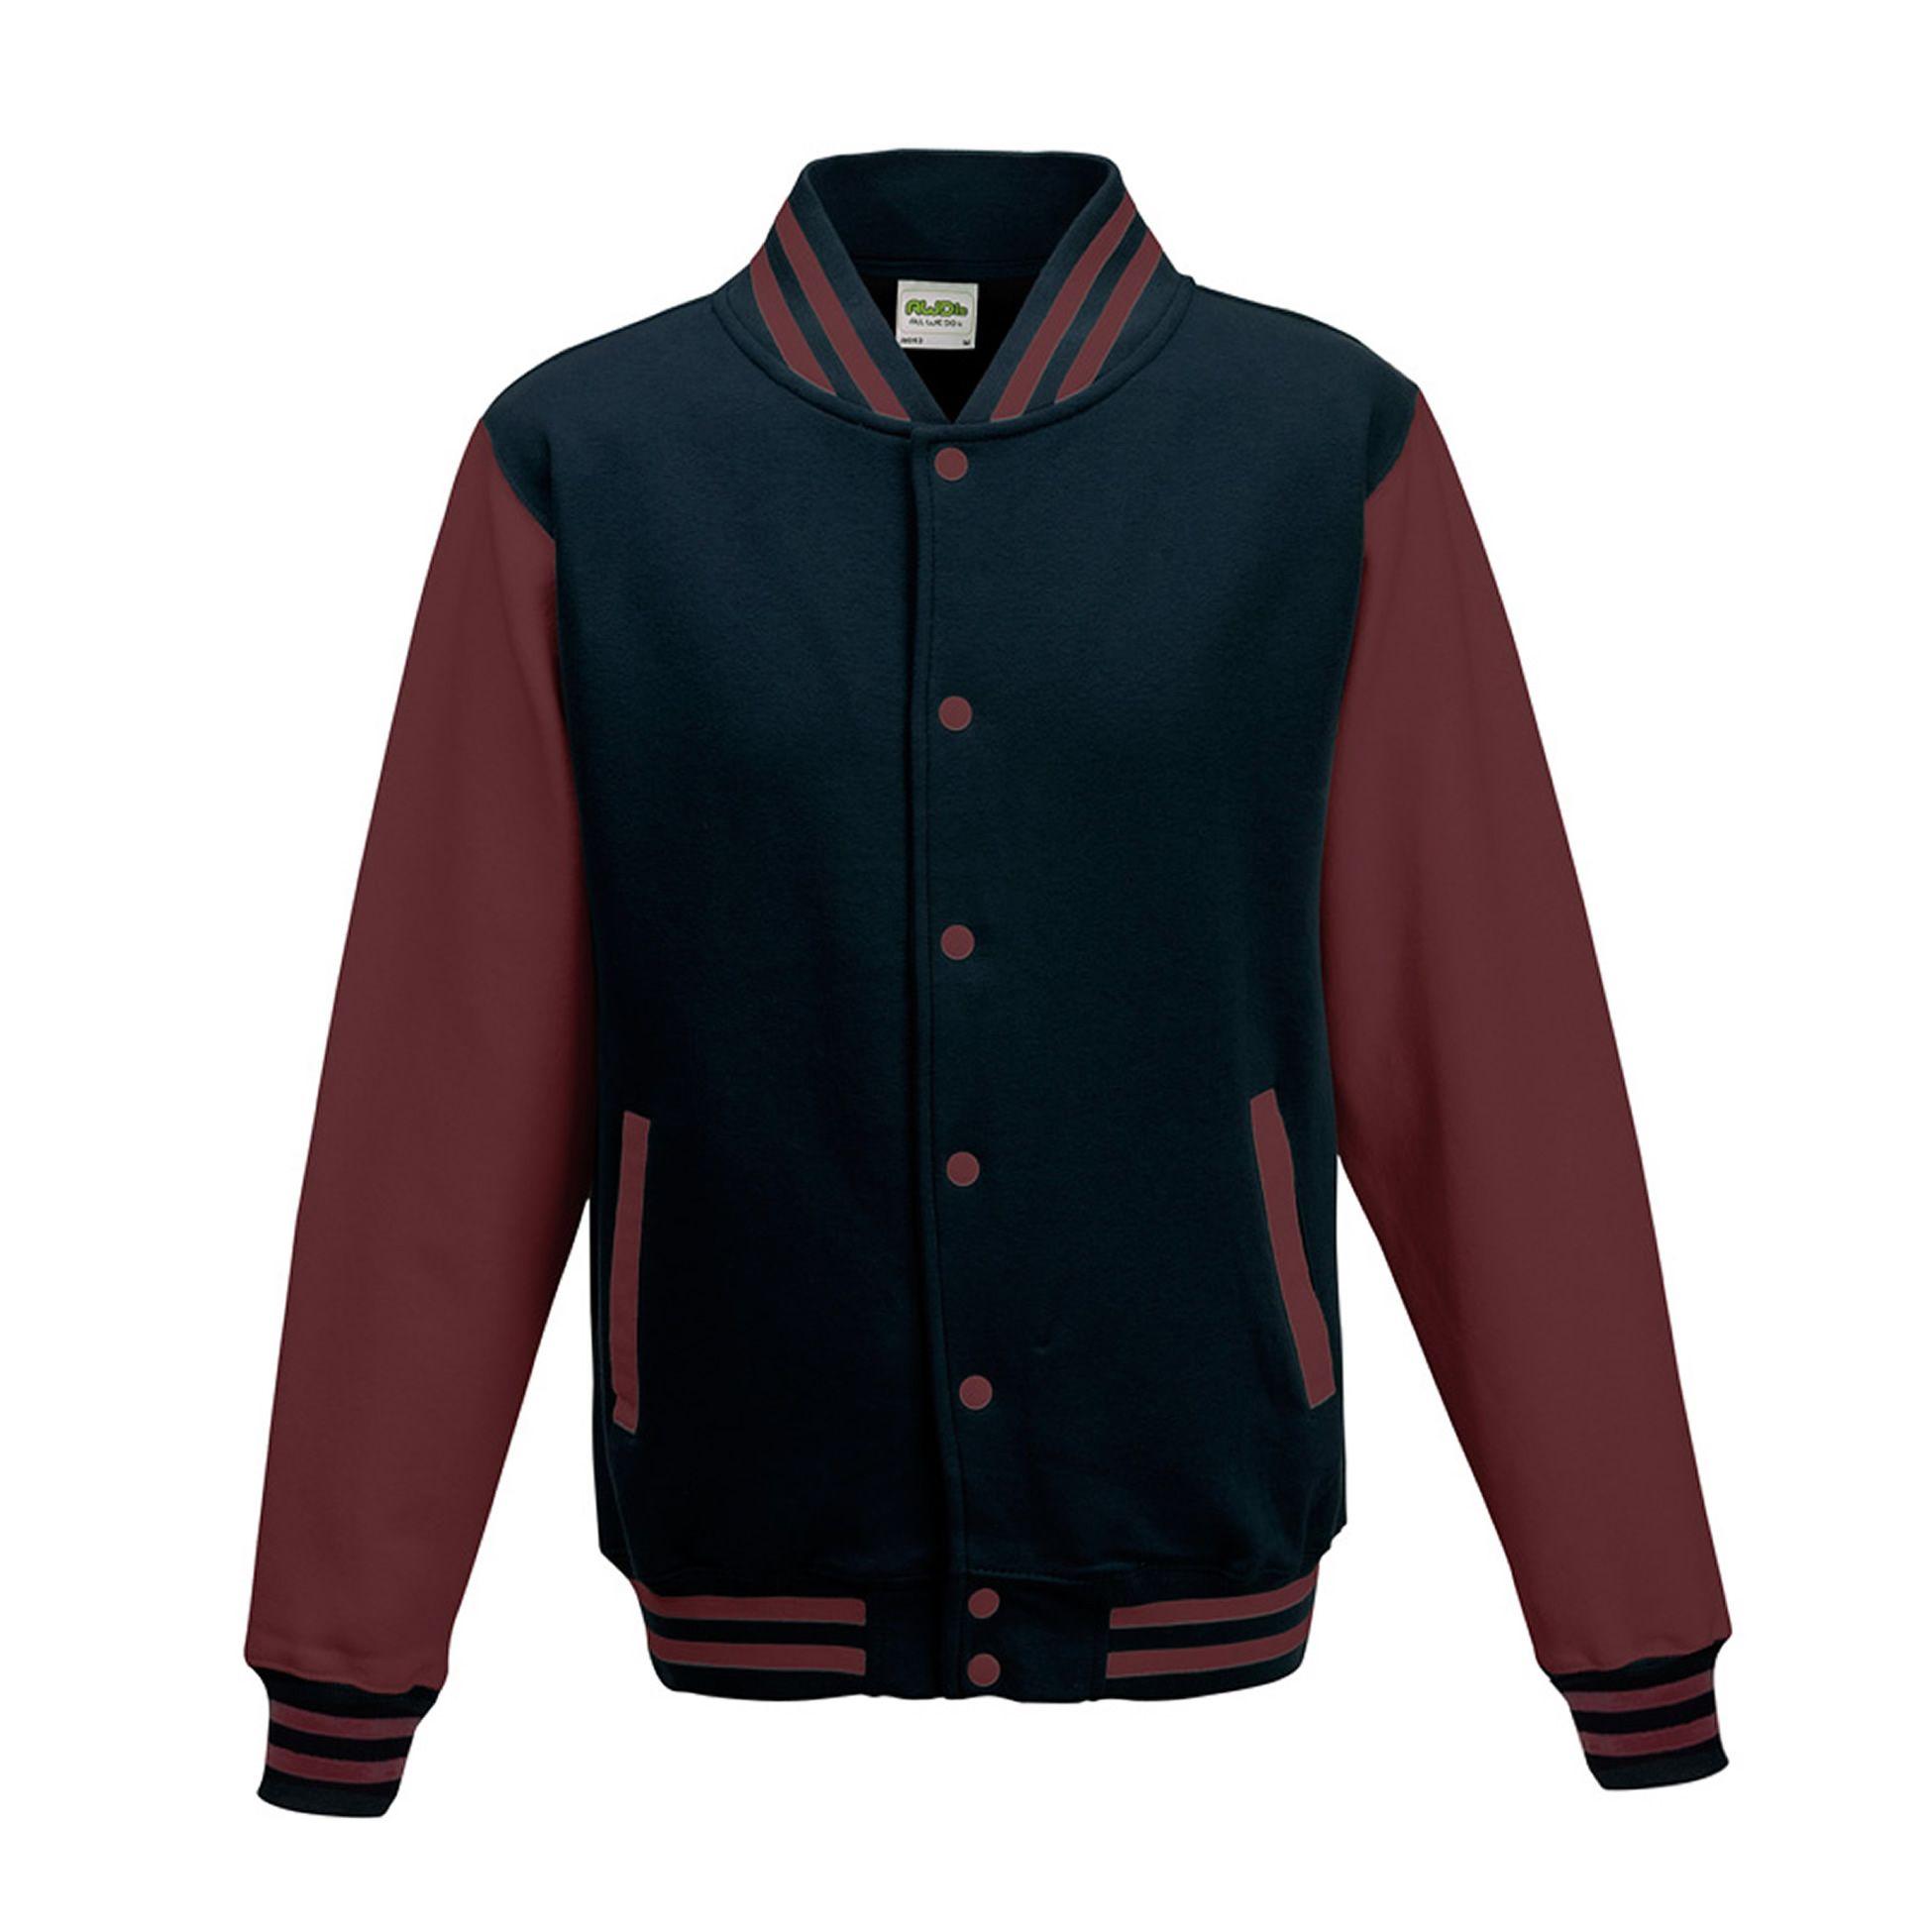 3XL Jet Black // White Awdis Unisex Varsity Jacket